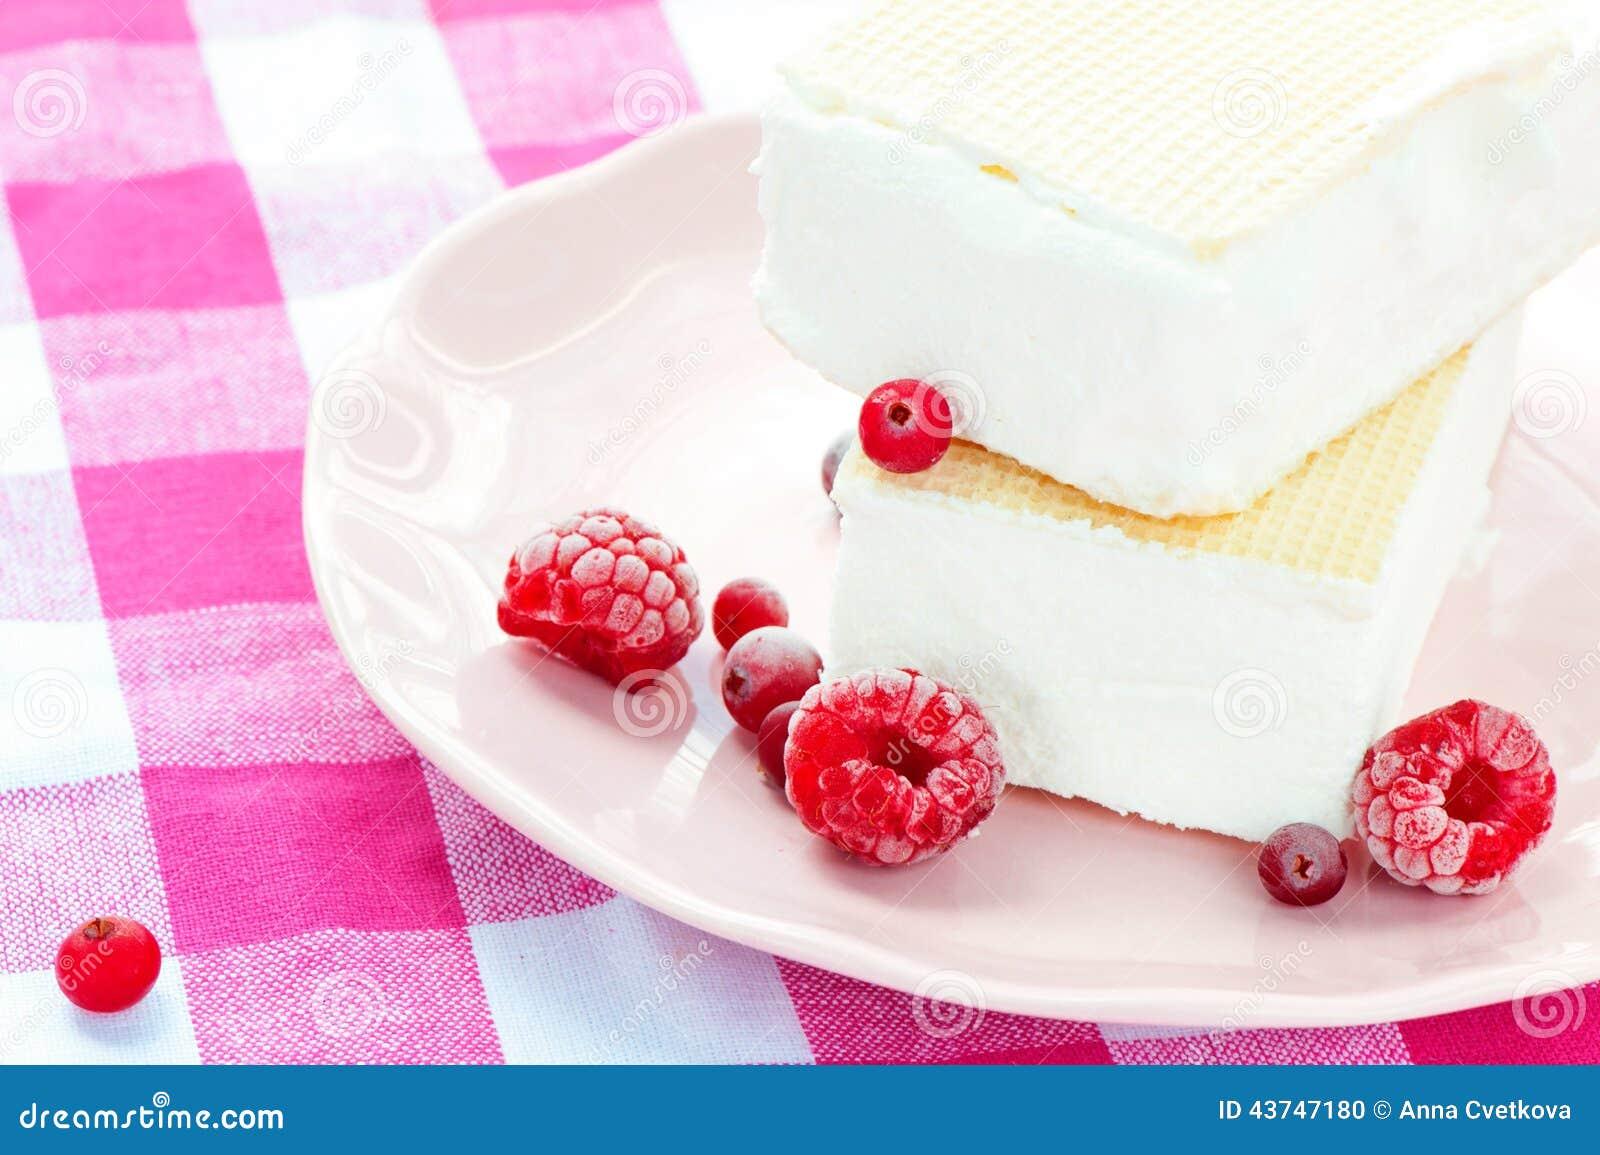 Glace à la vanille blanche avec des gaufres et des framboises closeup